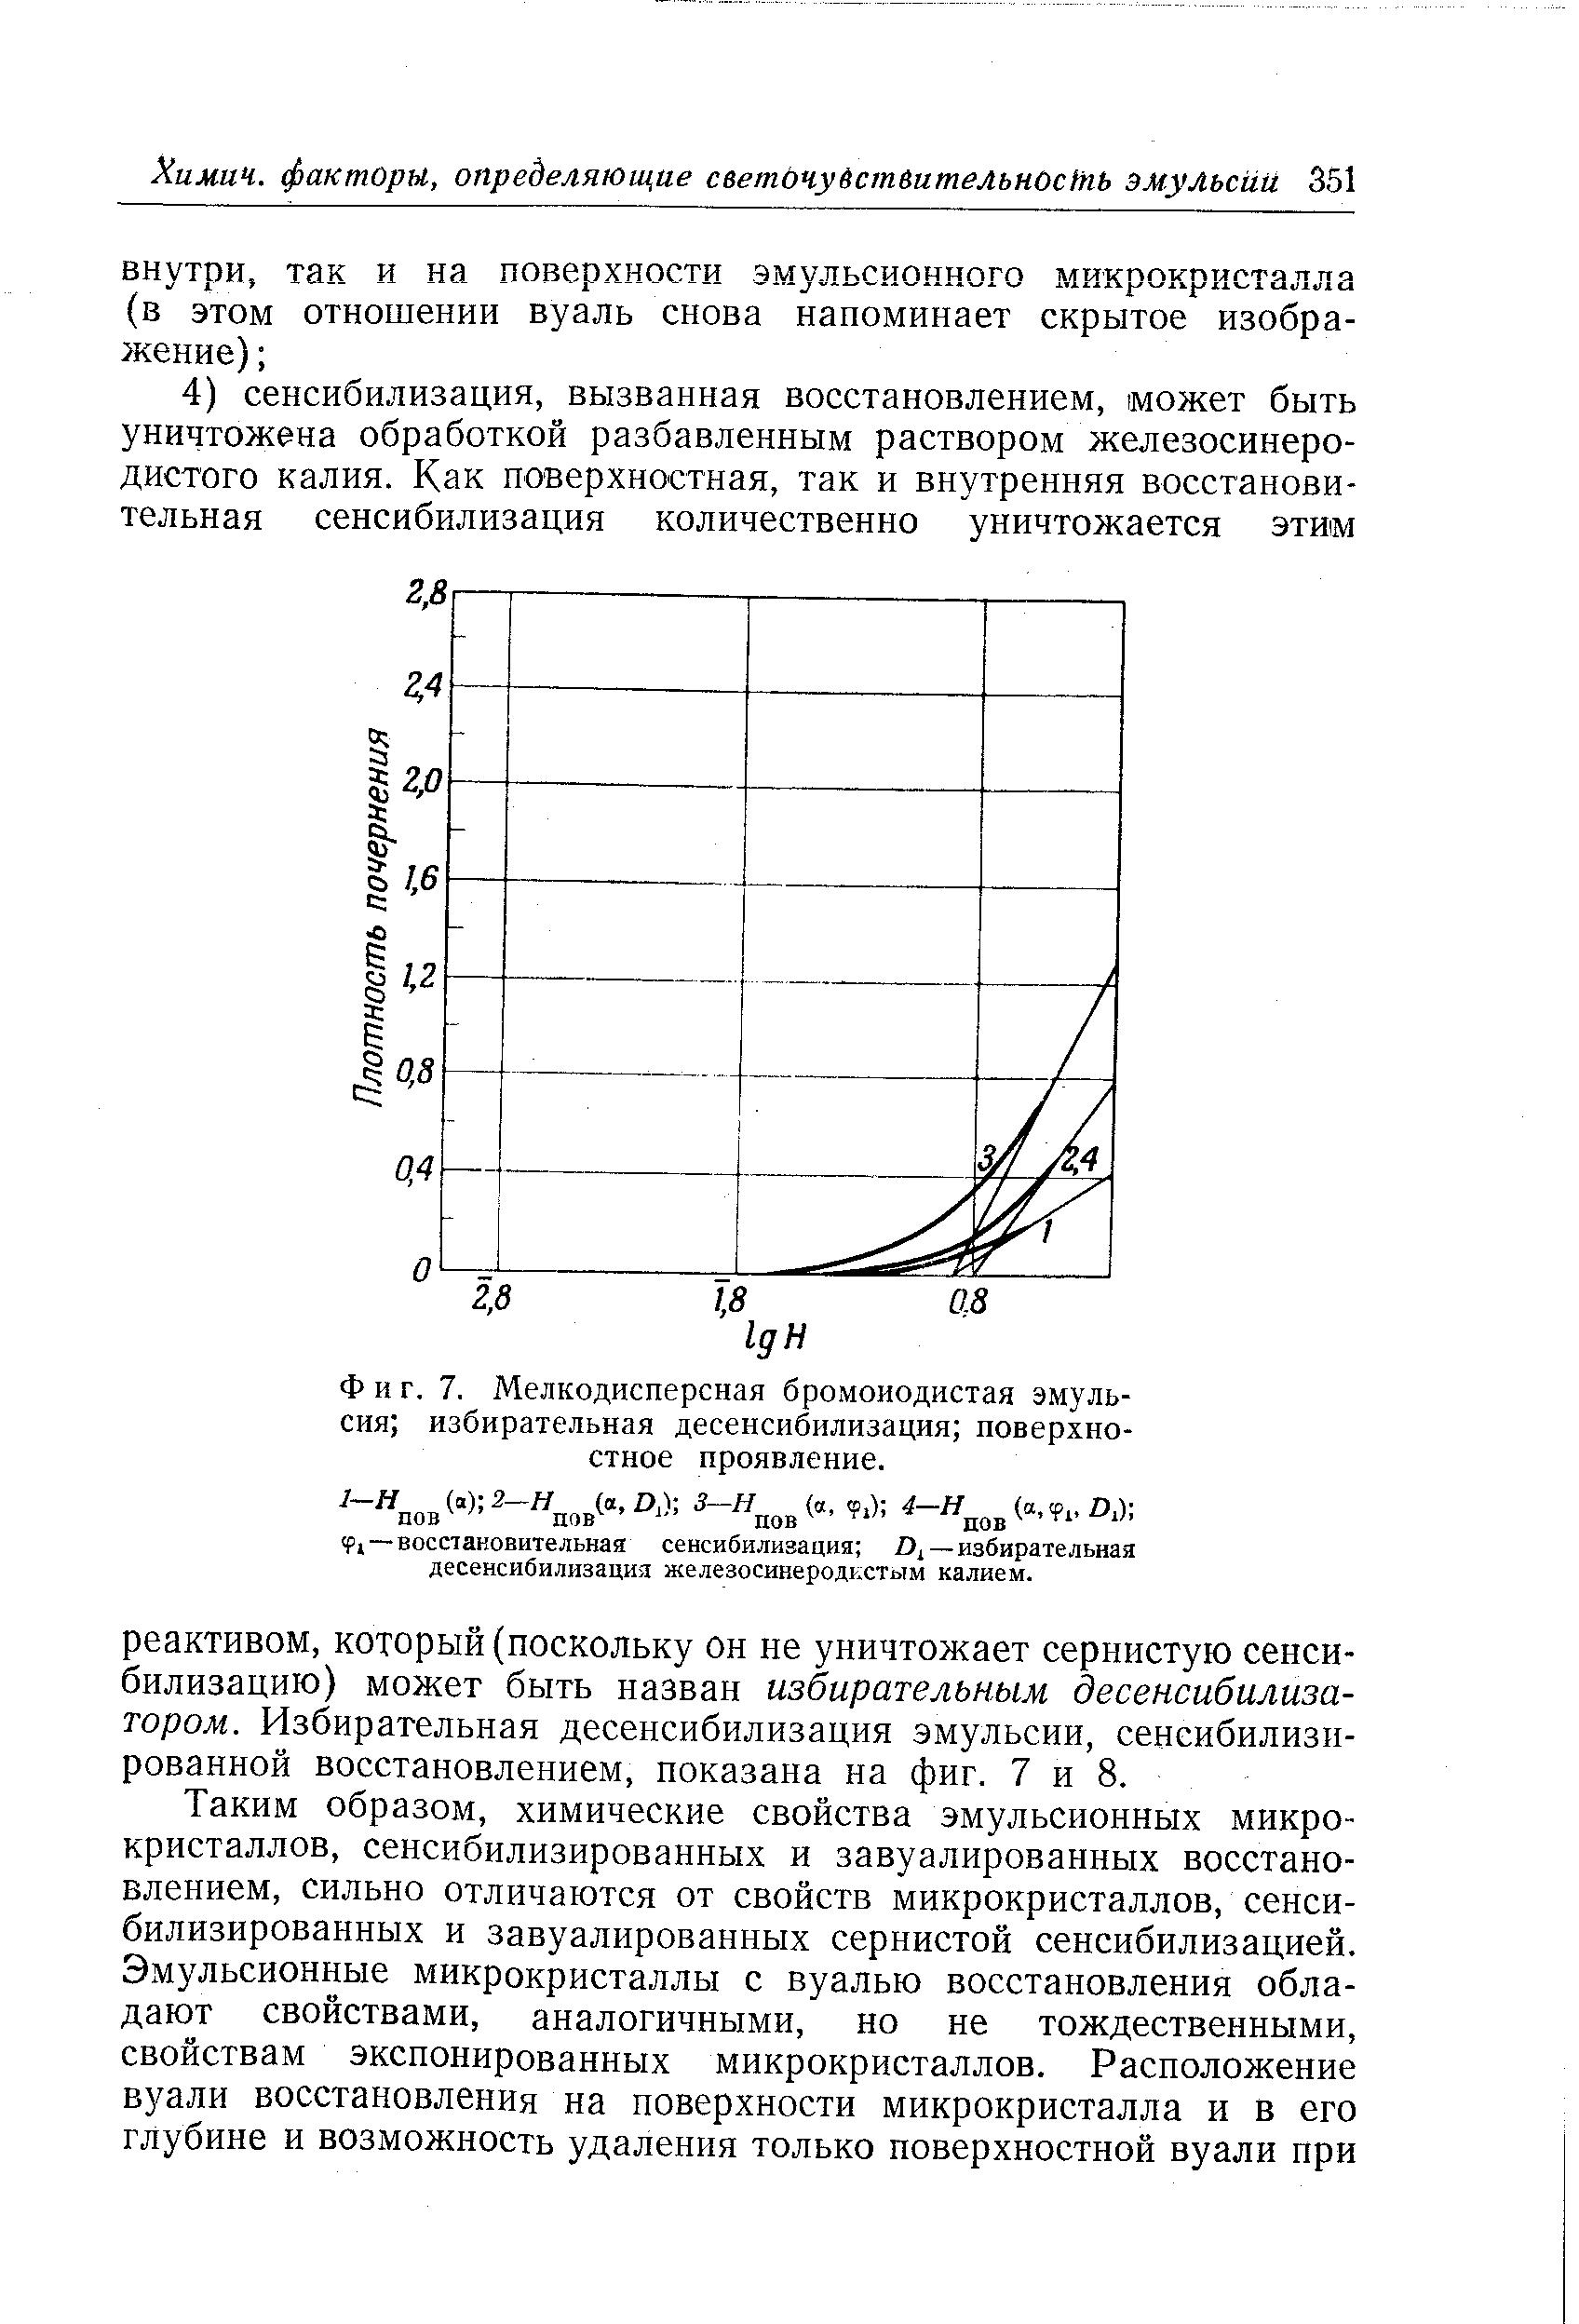 Сенсибилизация - понятие, примеры и адаптация